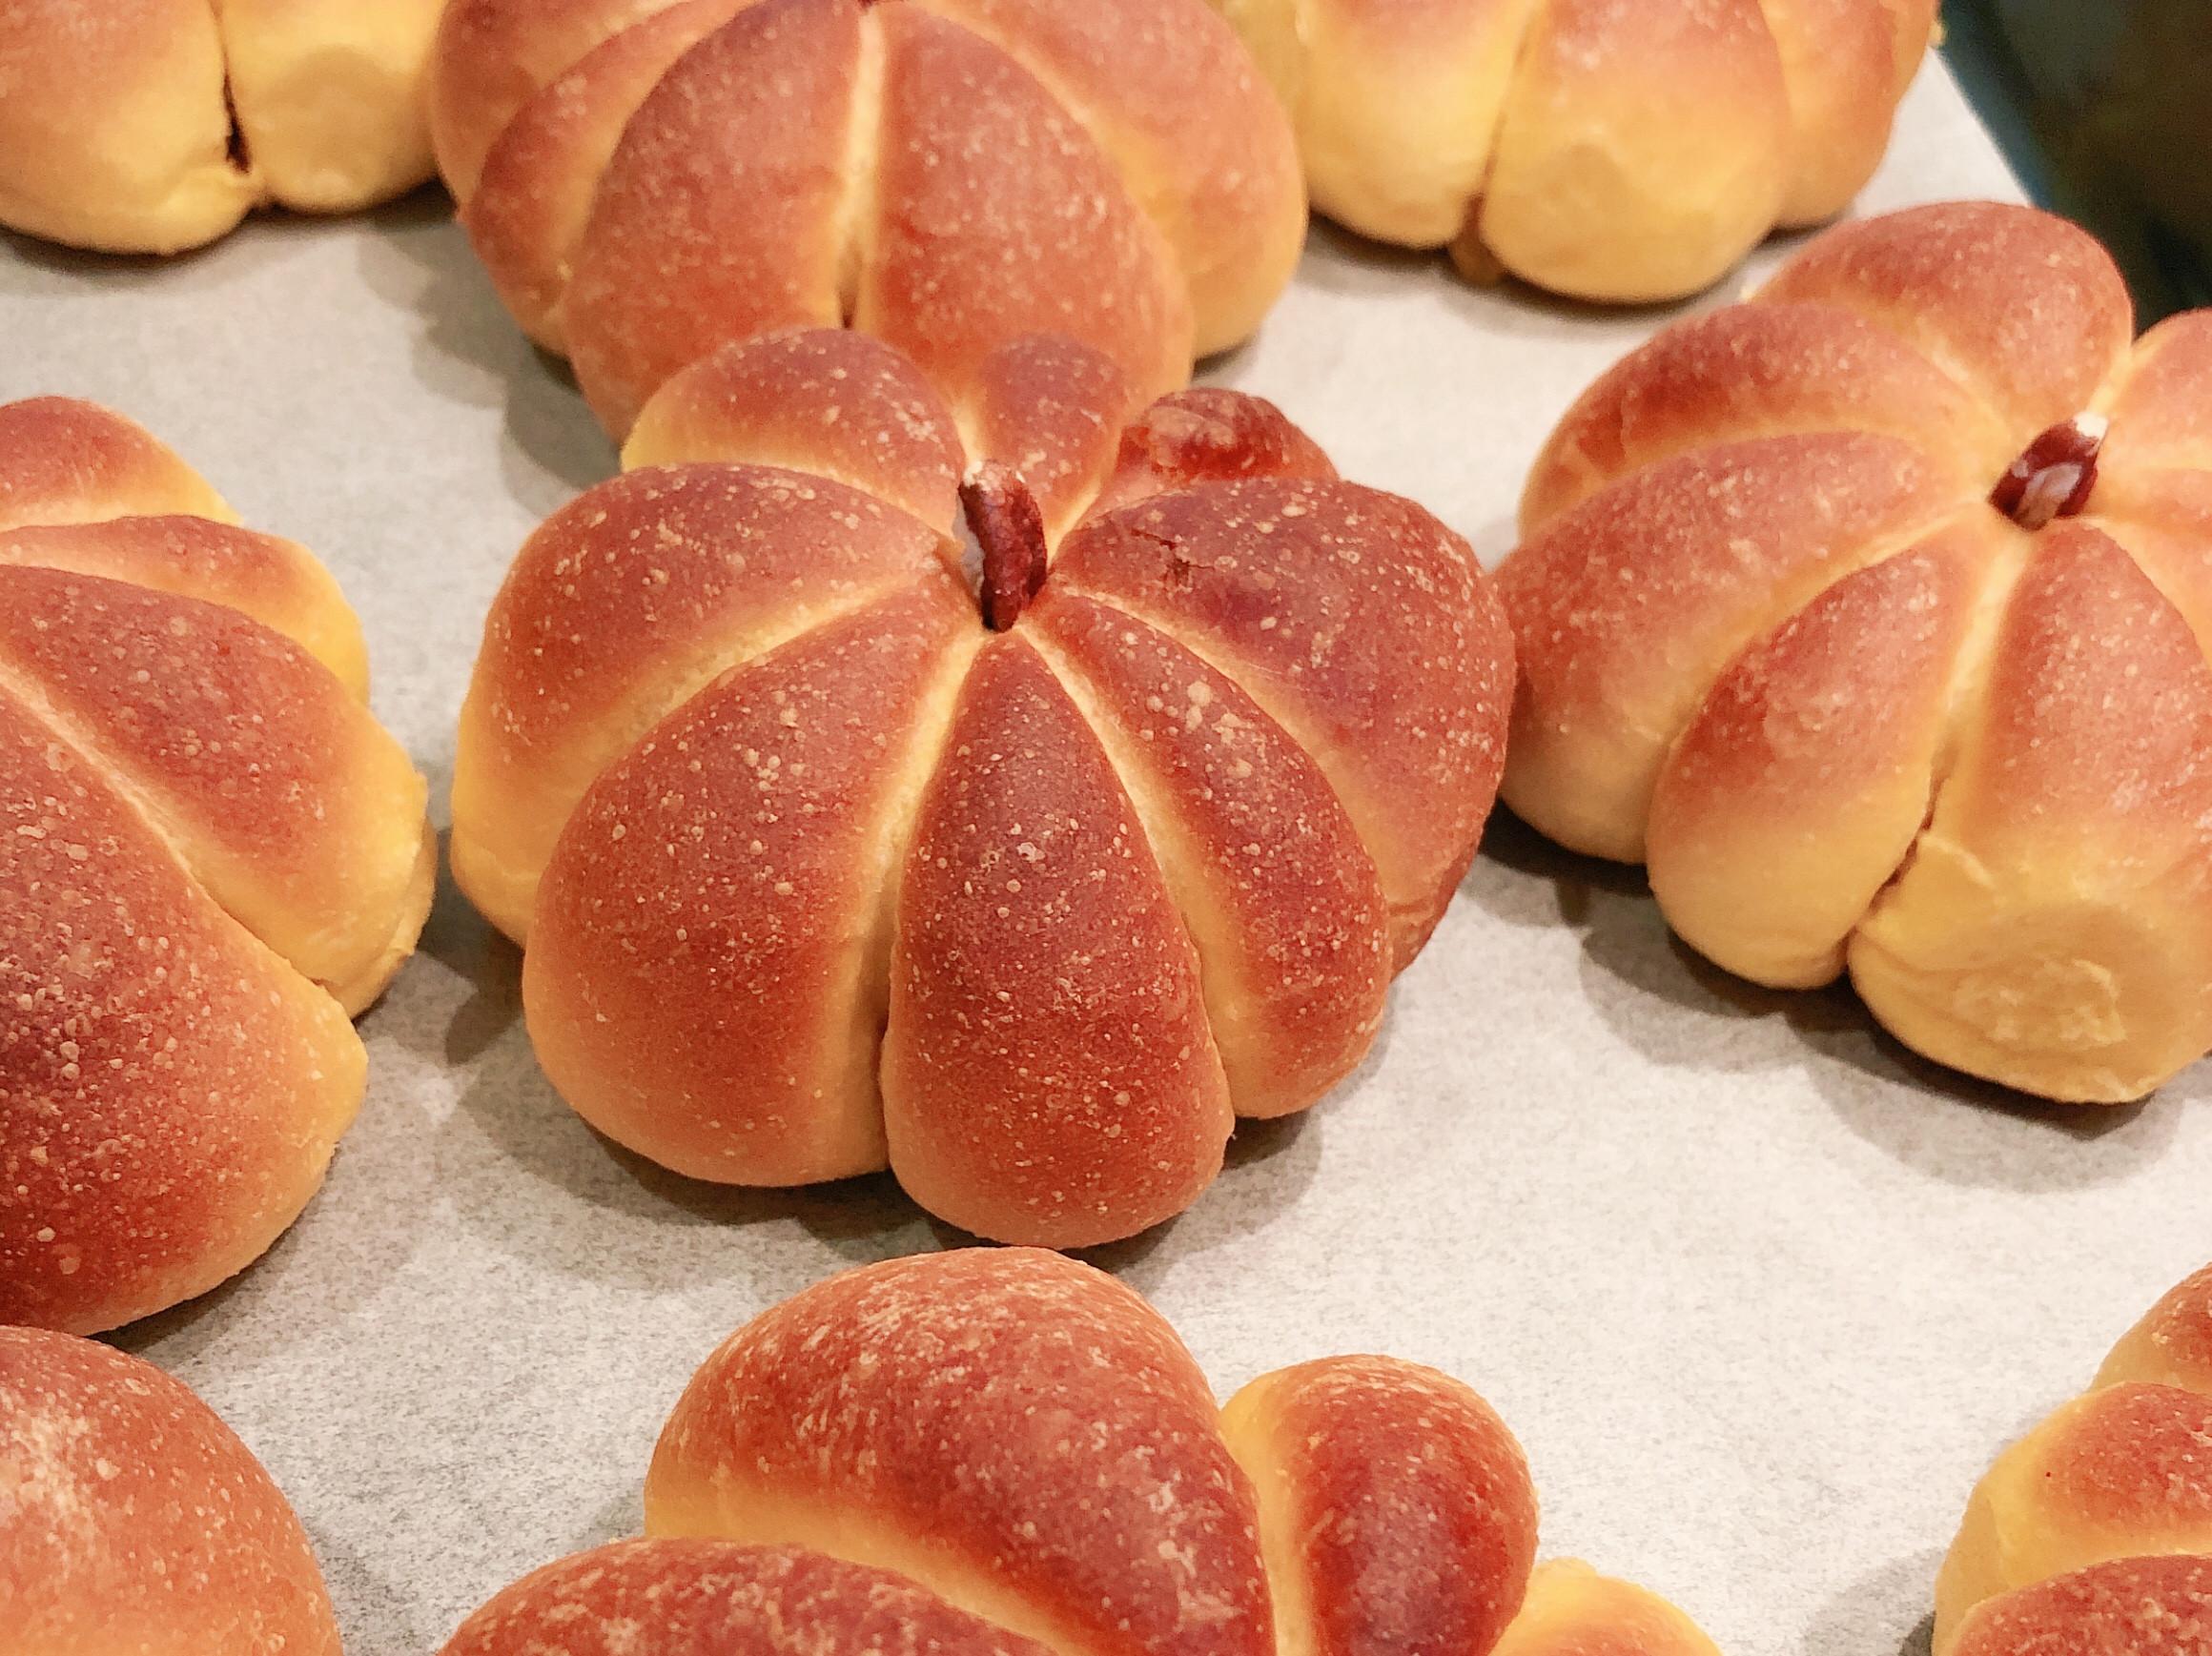 萬聖節之南瓜麵包(紅蘿蔔代替南瓜)